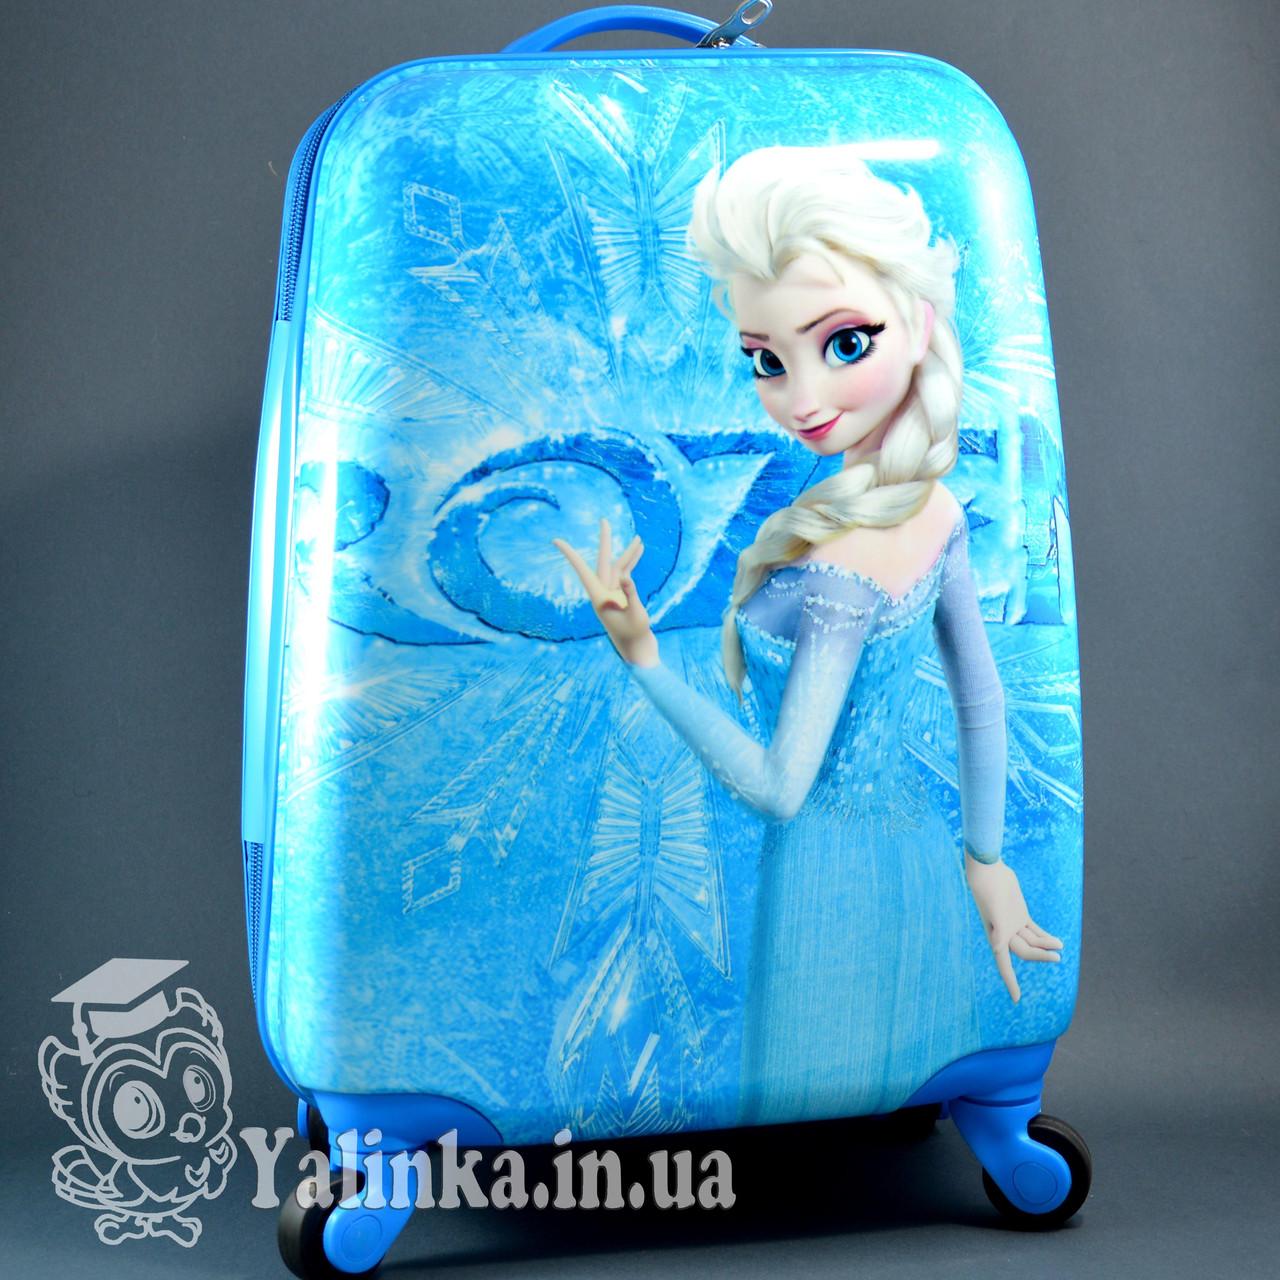 56bc35d4d27d Детский дорожный чемодан на 4-х колесах Холодное Сердце 711 - Ялинка в  Харькове